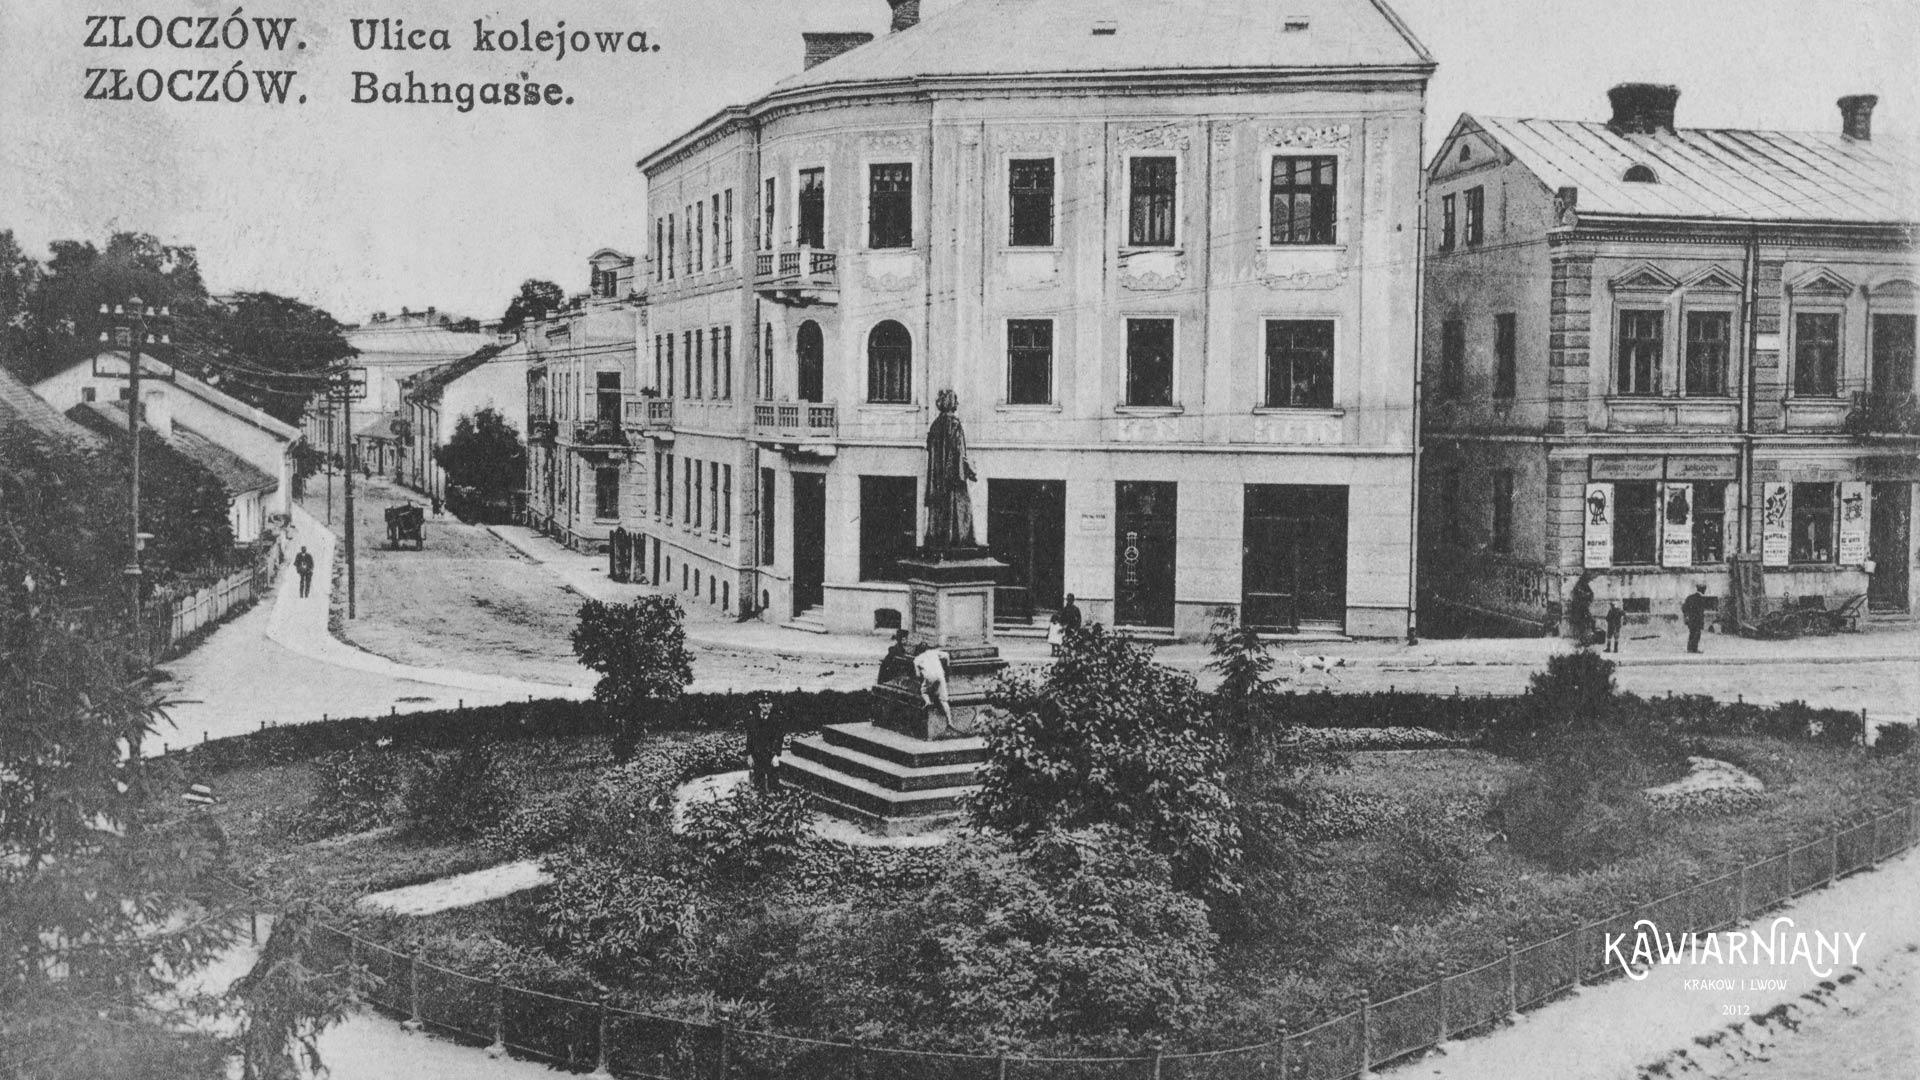 Złoczów, pomnik Adama Mickiewicza